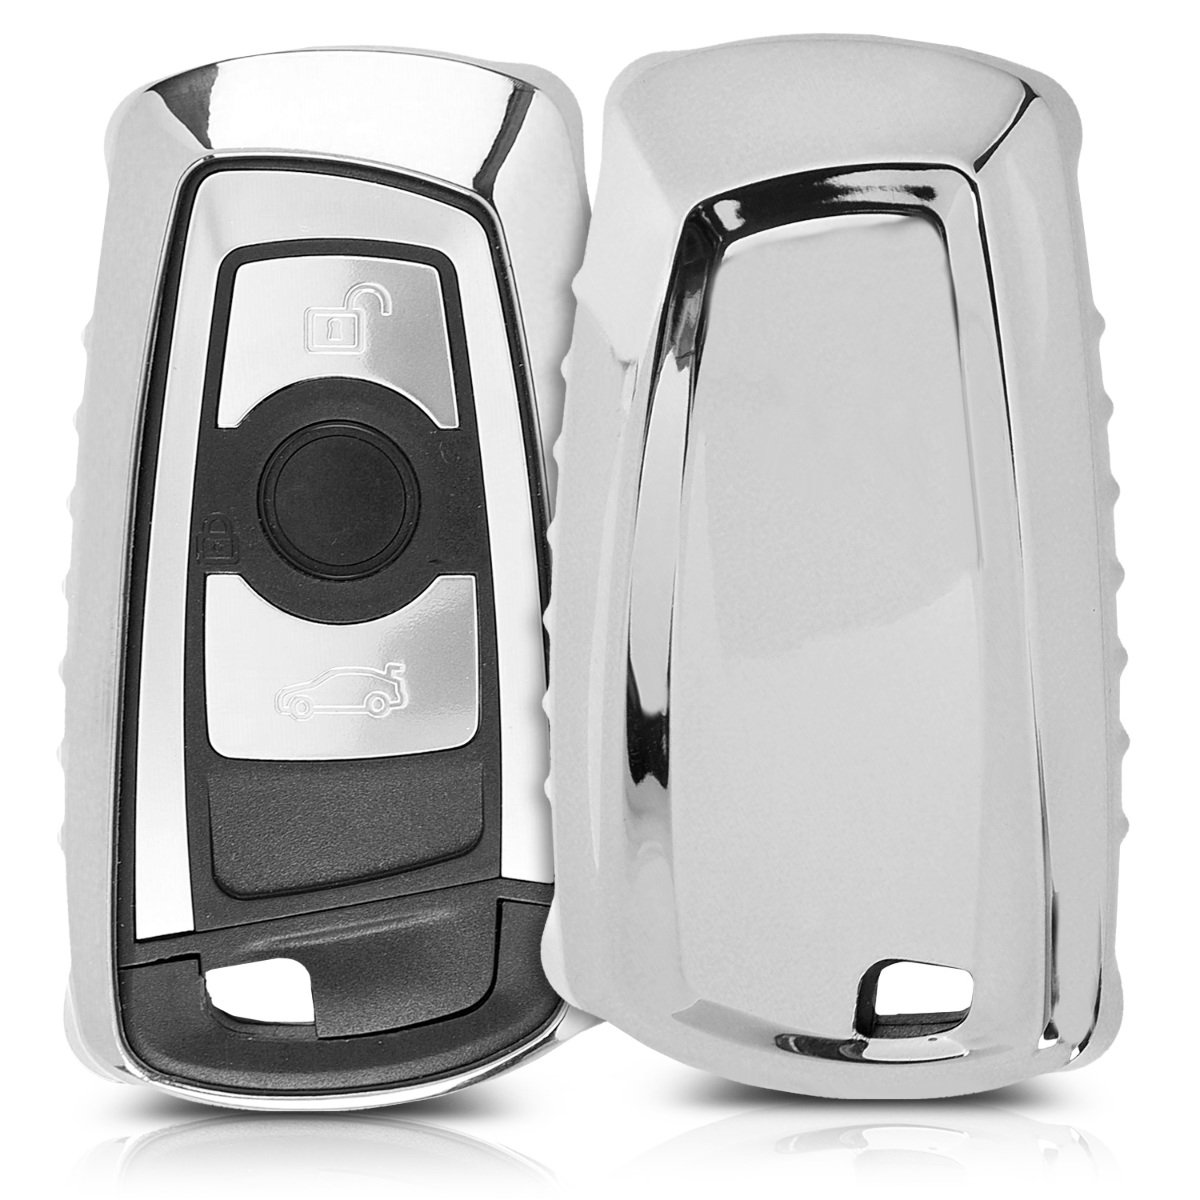 solamente Keyless Go dorado brillante TPU de Cover de mando y control de auto en para llaves suave kwmobile Funda para llave con control remoto de 3 botones para coche BMW - Carcasa